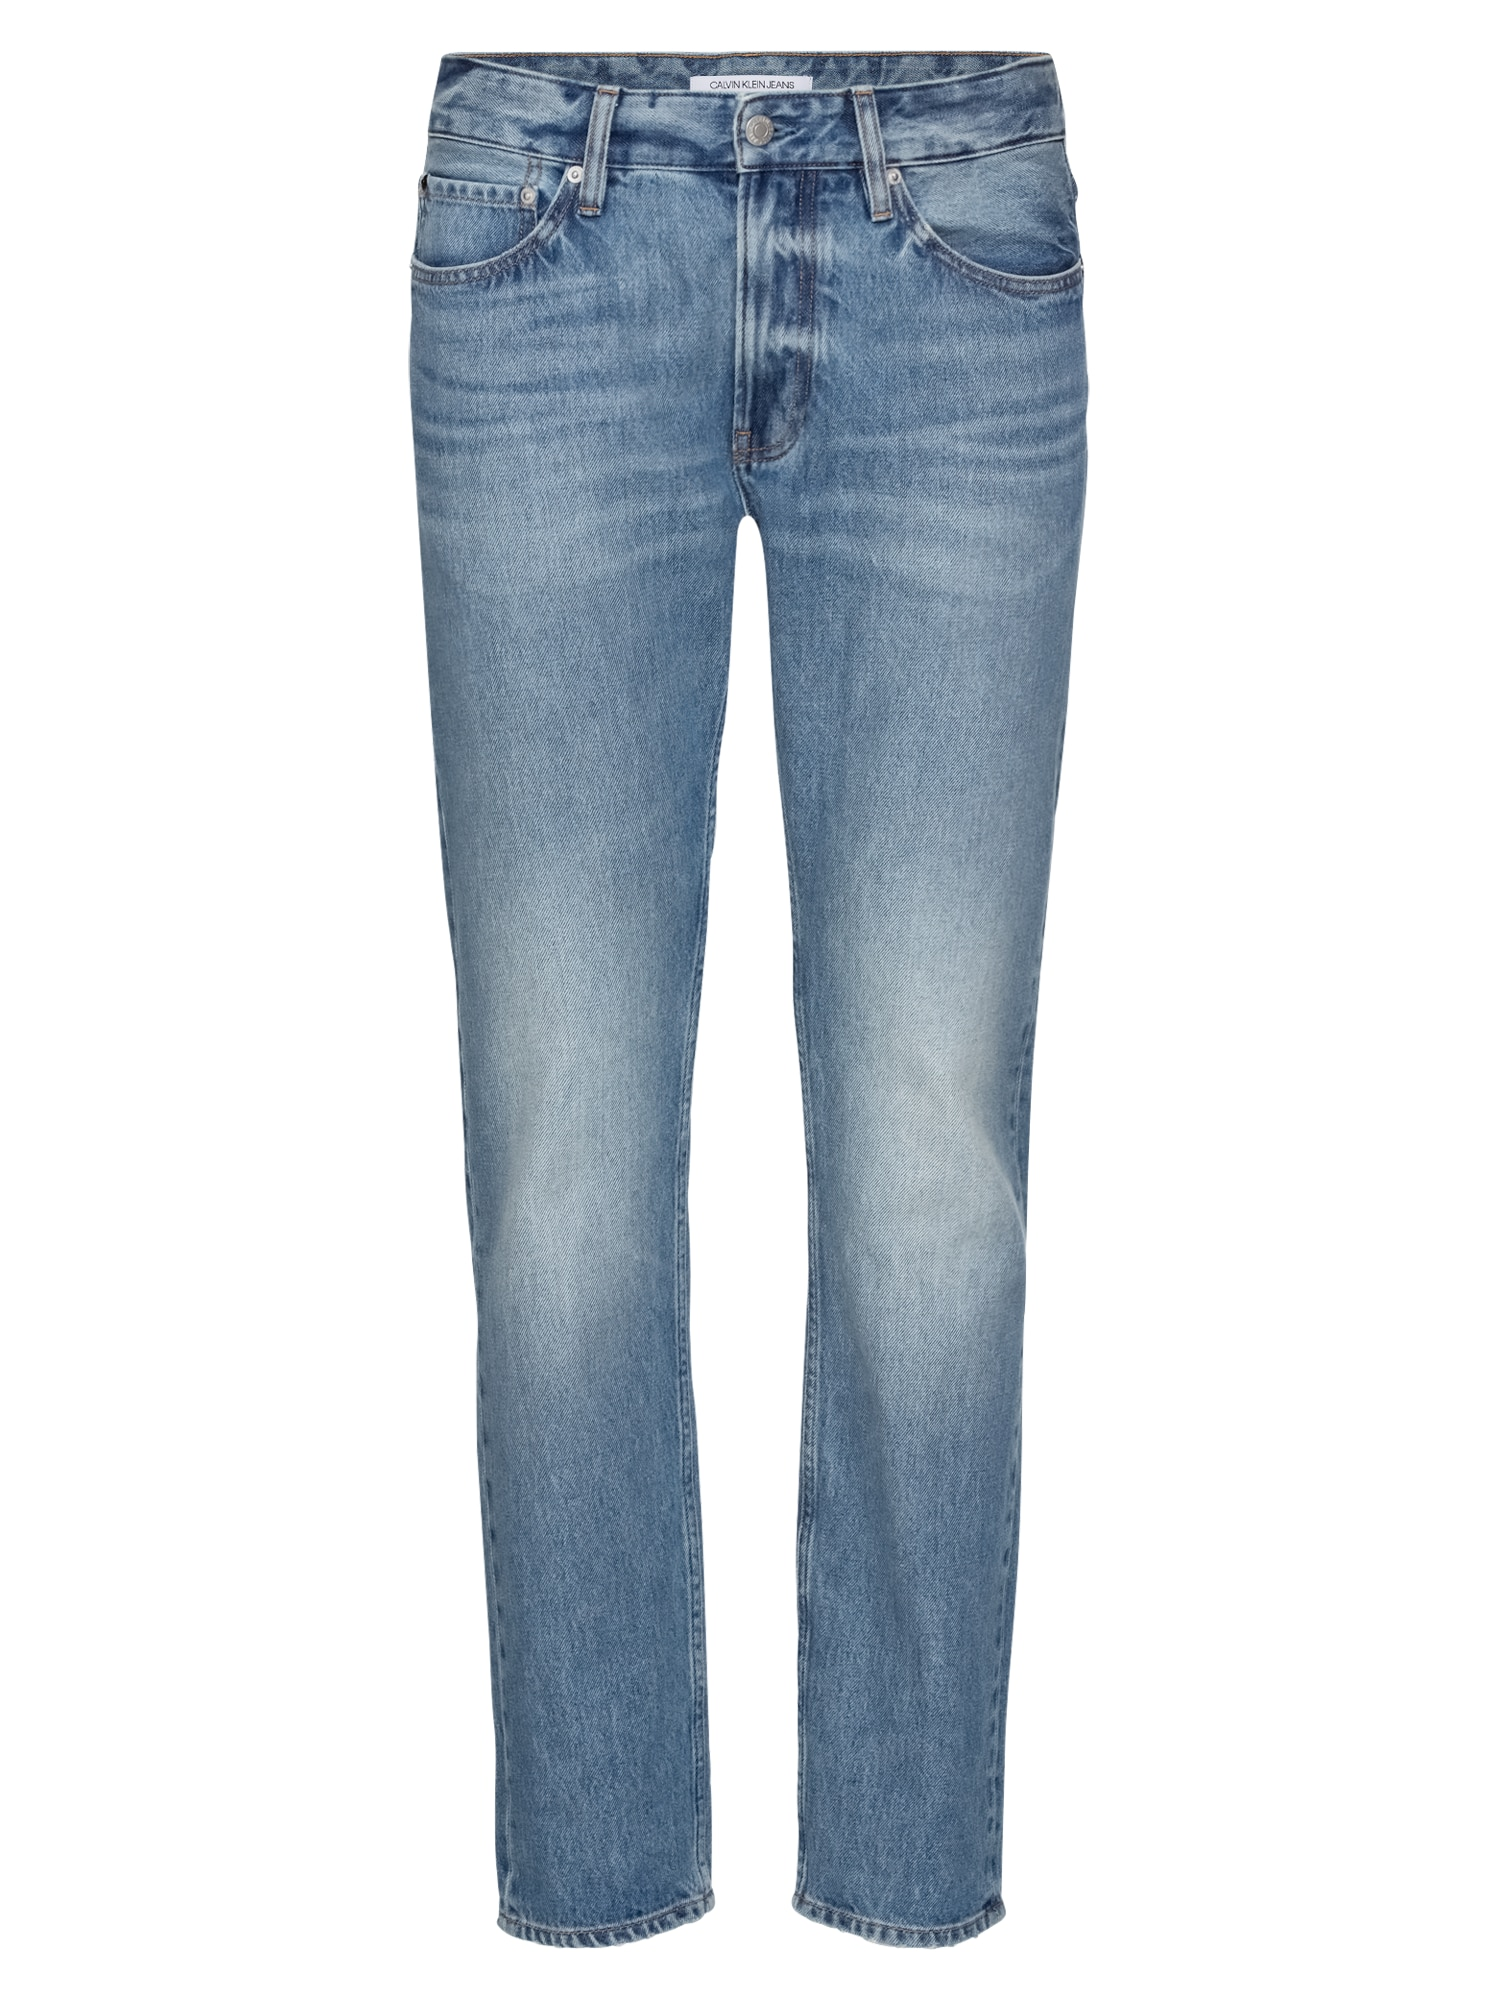 Džíny CKJ 026 SLIM modrá džínovina Calvin Klein Jeans